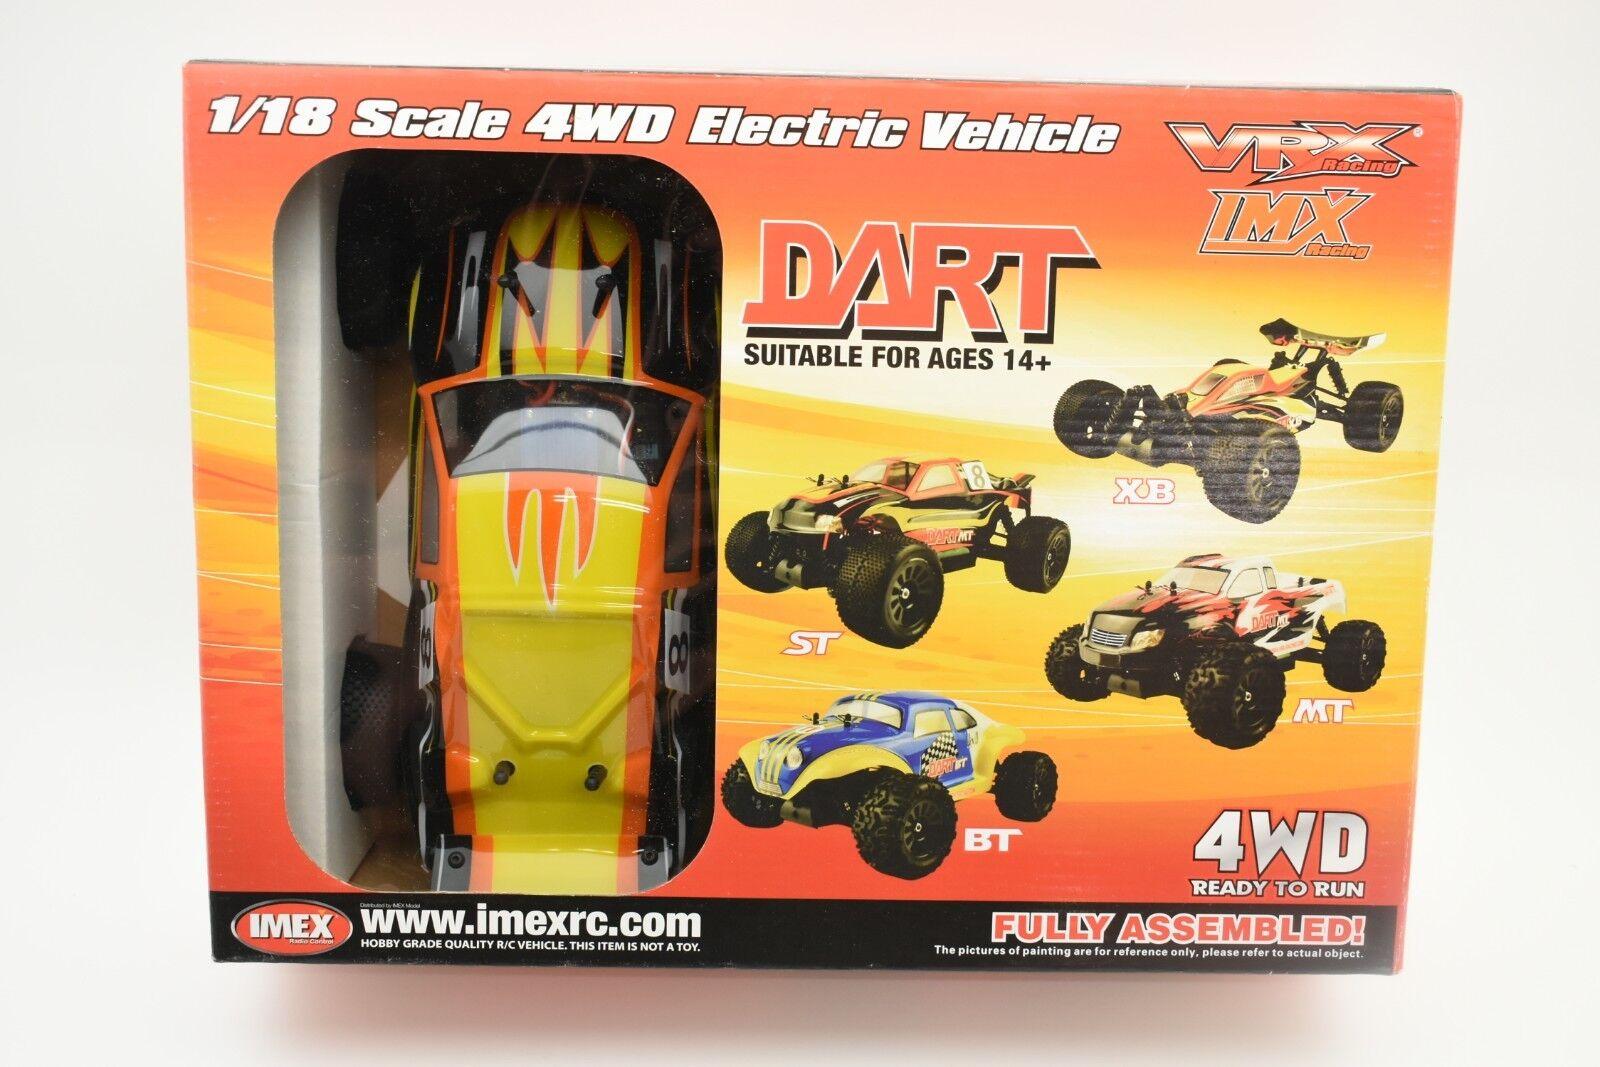 VRX18822-MT Color-amarillo Dardo Mt sin Escobillas 1 18 Escala 4wd Eléctrico